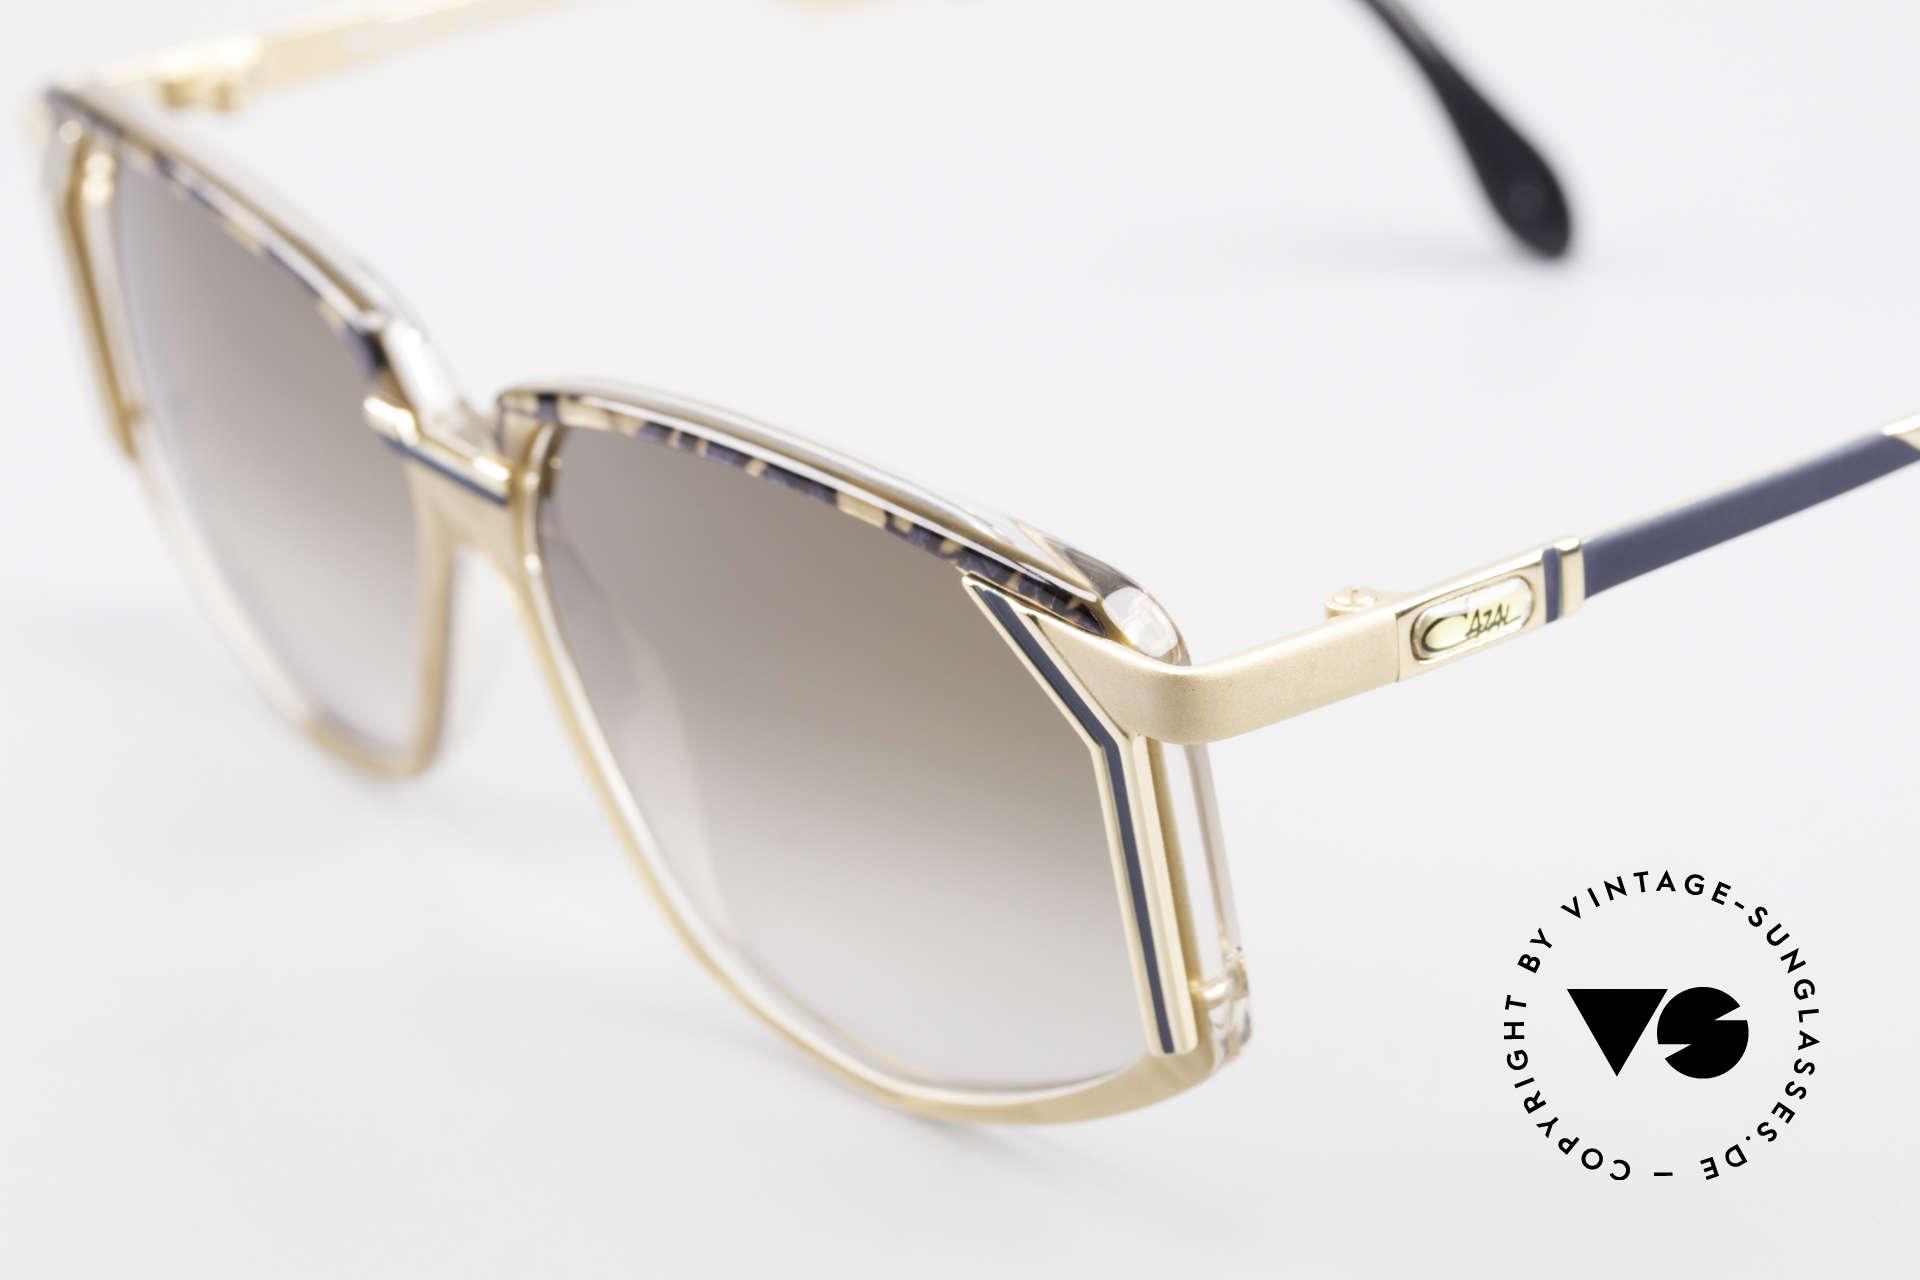 Cazal 346 Hip Hop Designer Sunglasses, NO retro shades, but an old original - true vintage!, Made for Men and Women